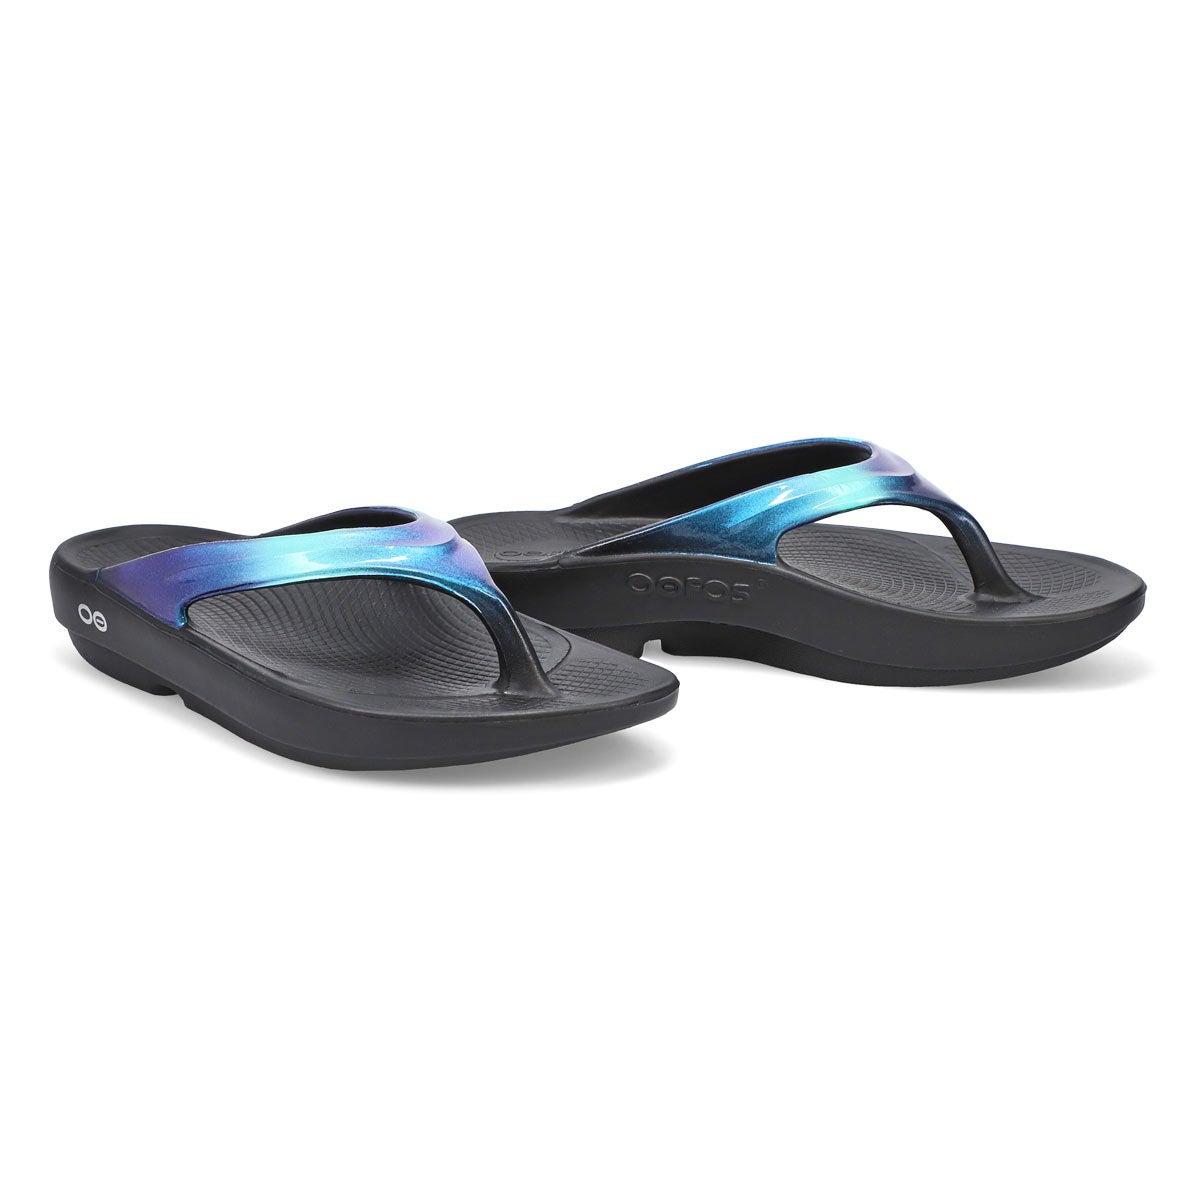 Women's Oolala Luxe Sandal - Black/Atlantis